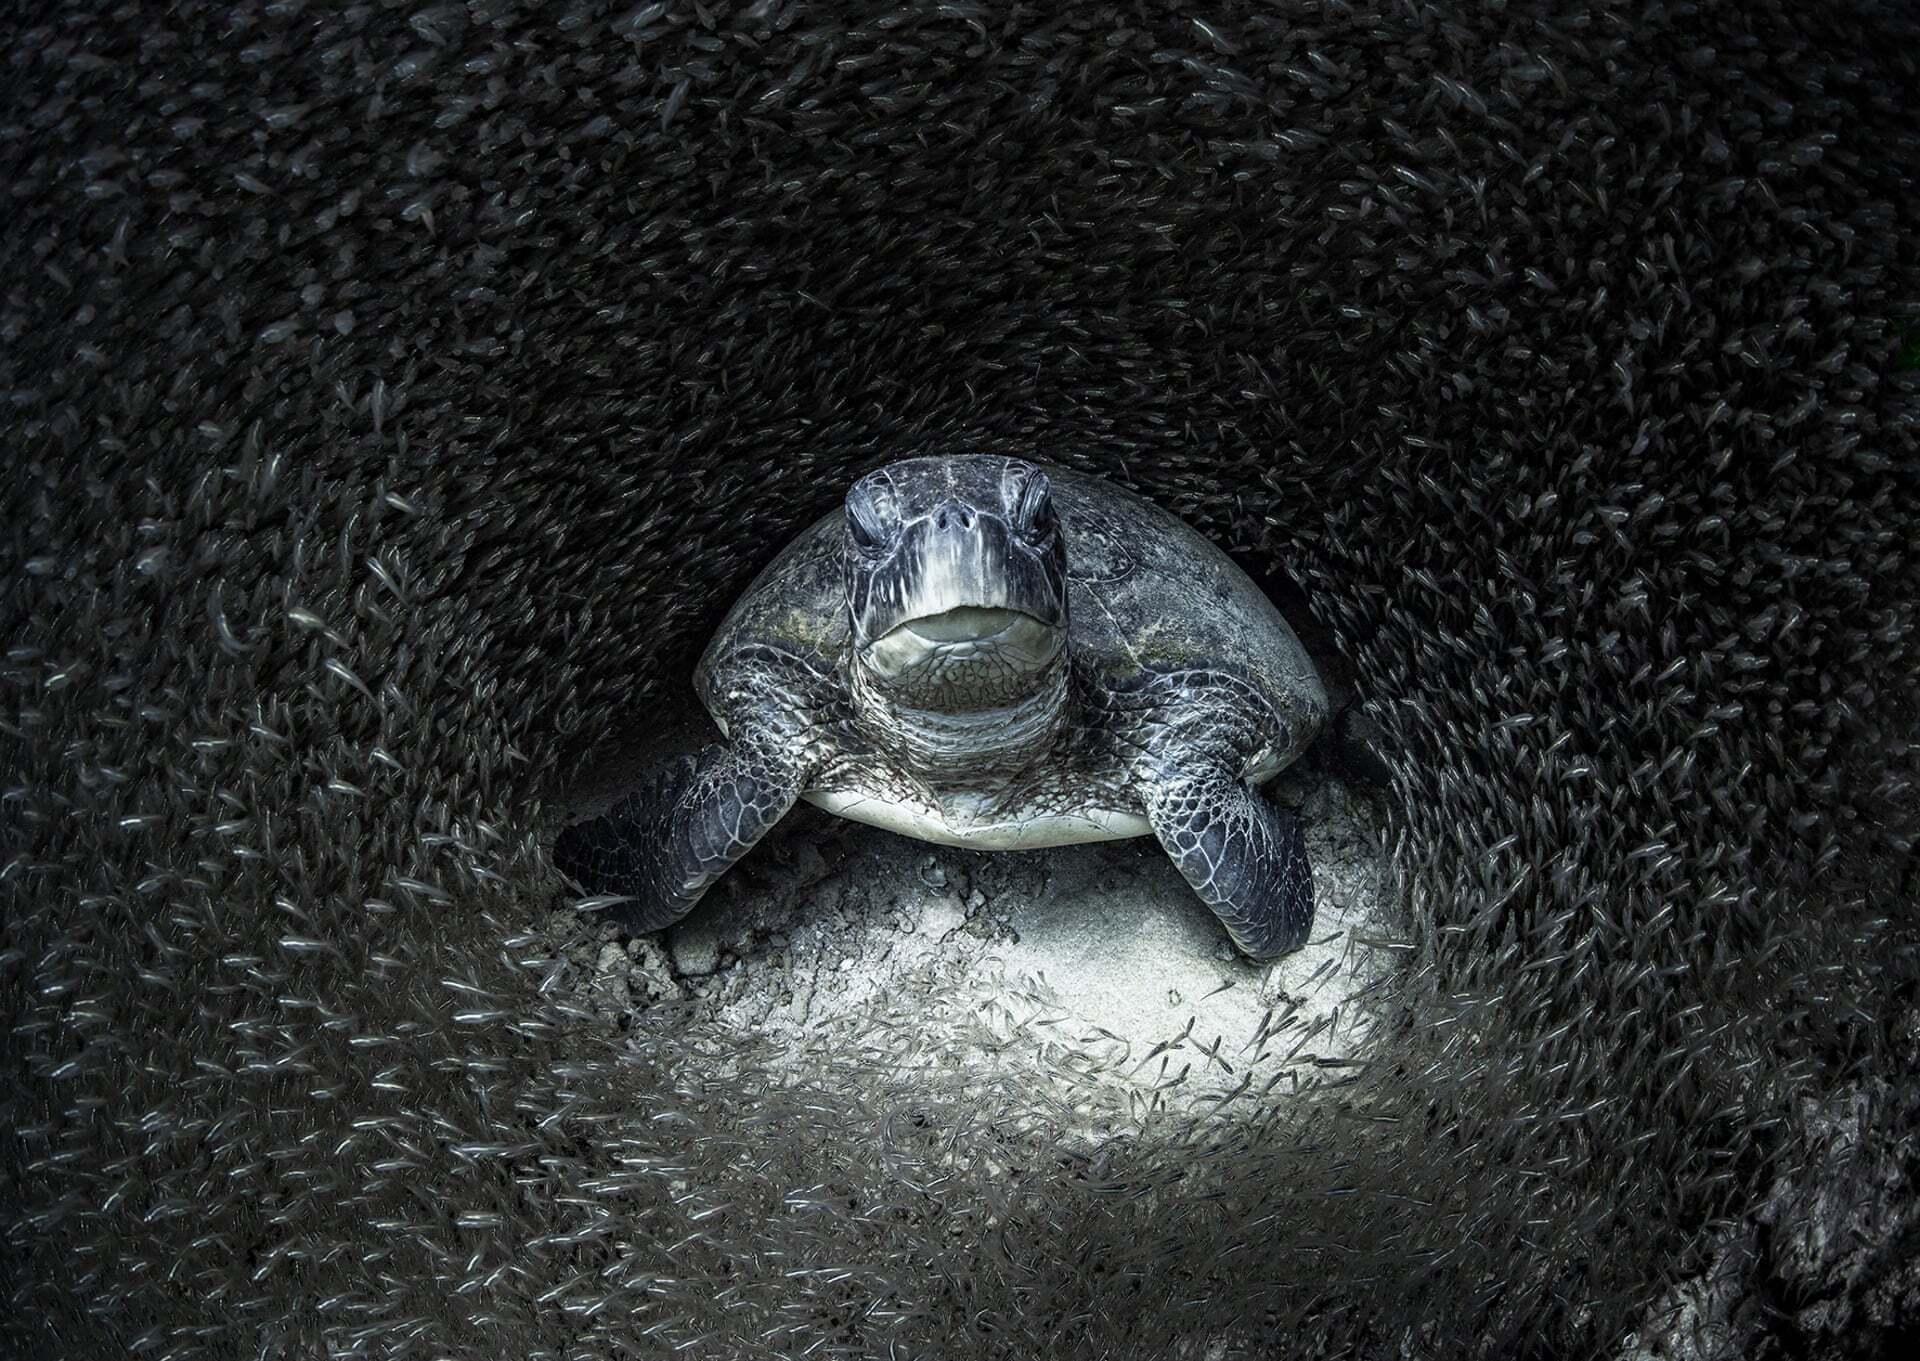 פוטו תחרות צילומים באוקיאנוס 2021 מקום ראשון צב ים מוקף דגים